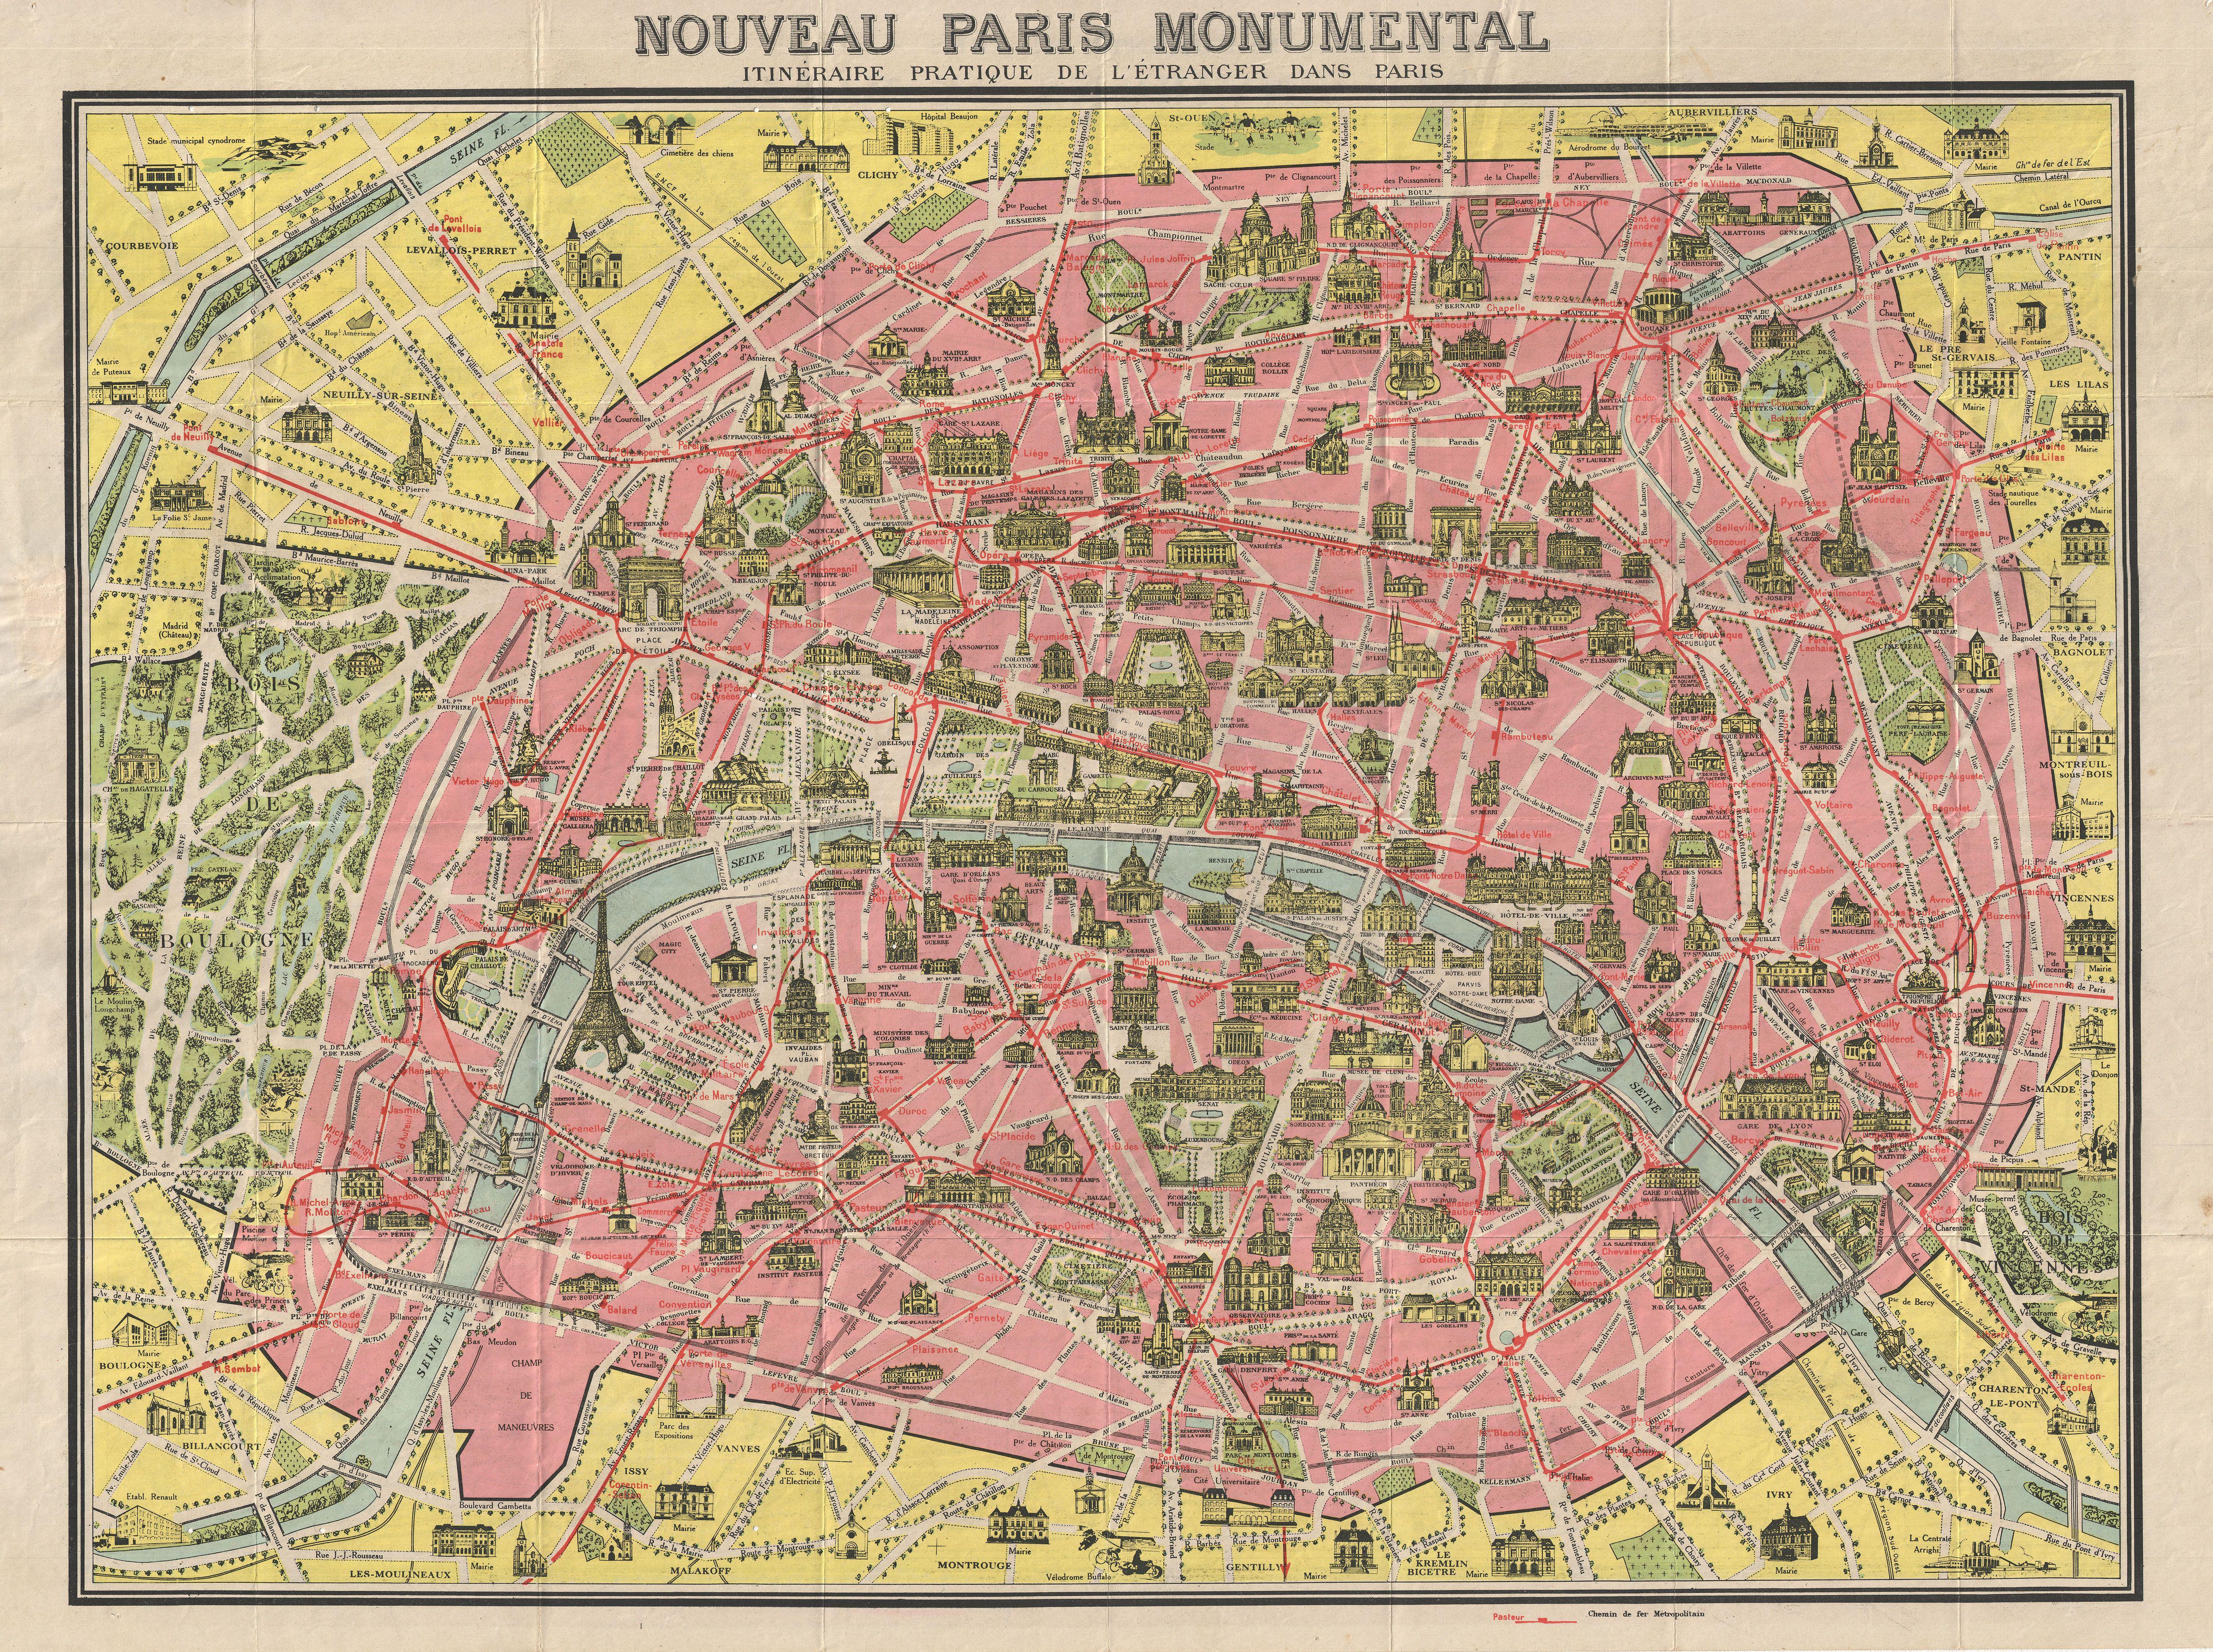 Paris önemli yerler - © Wikimedia Commons